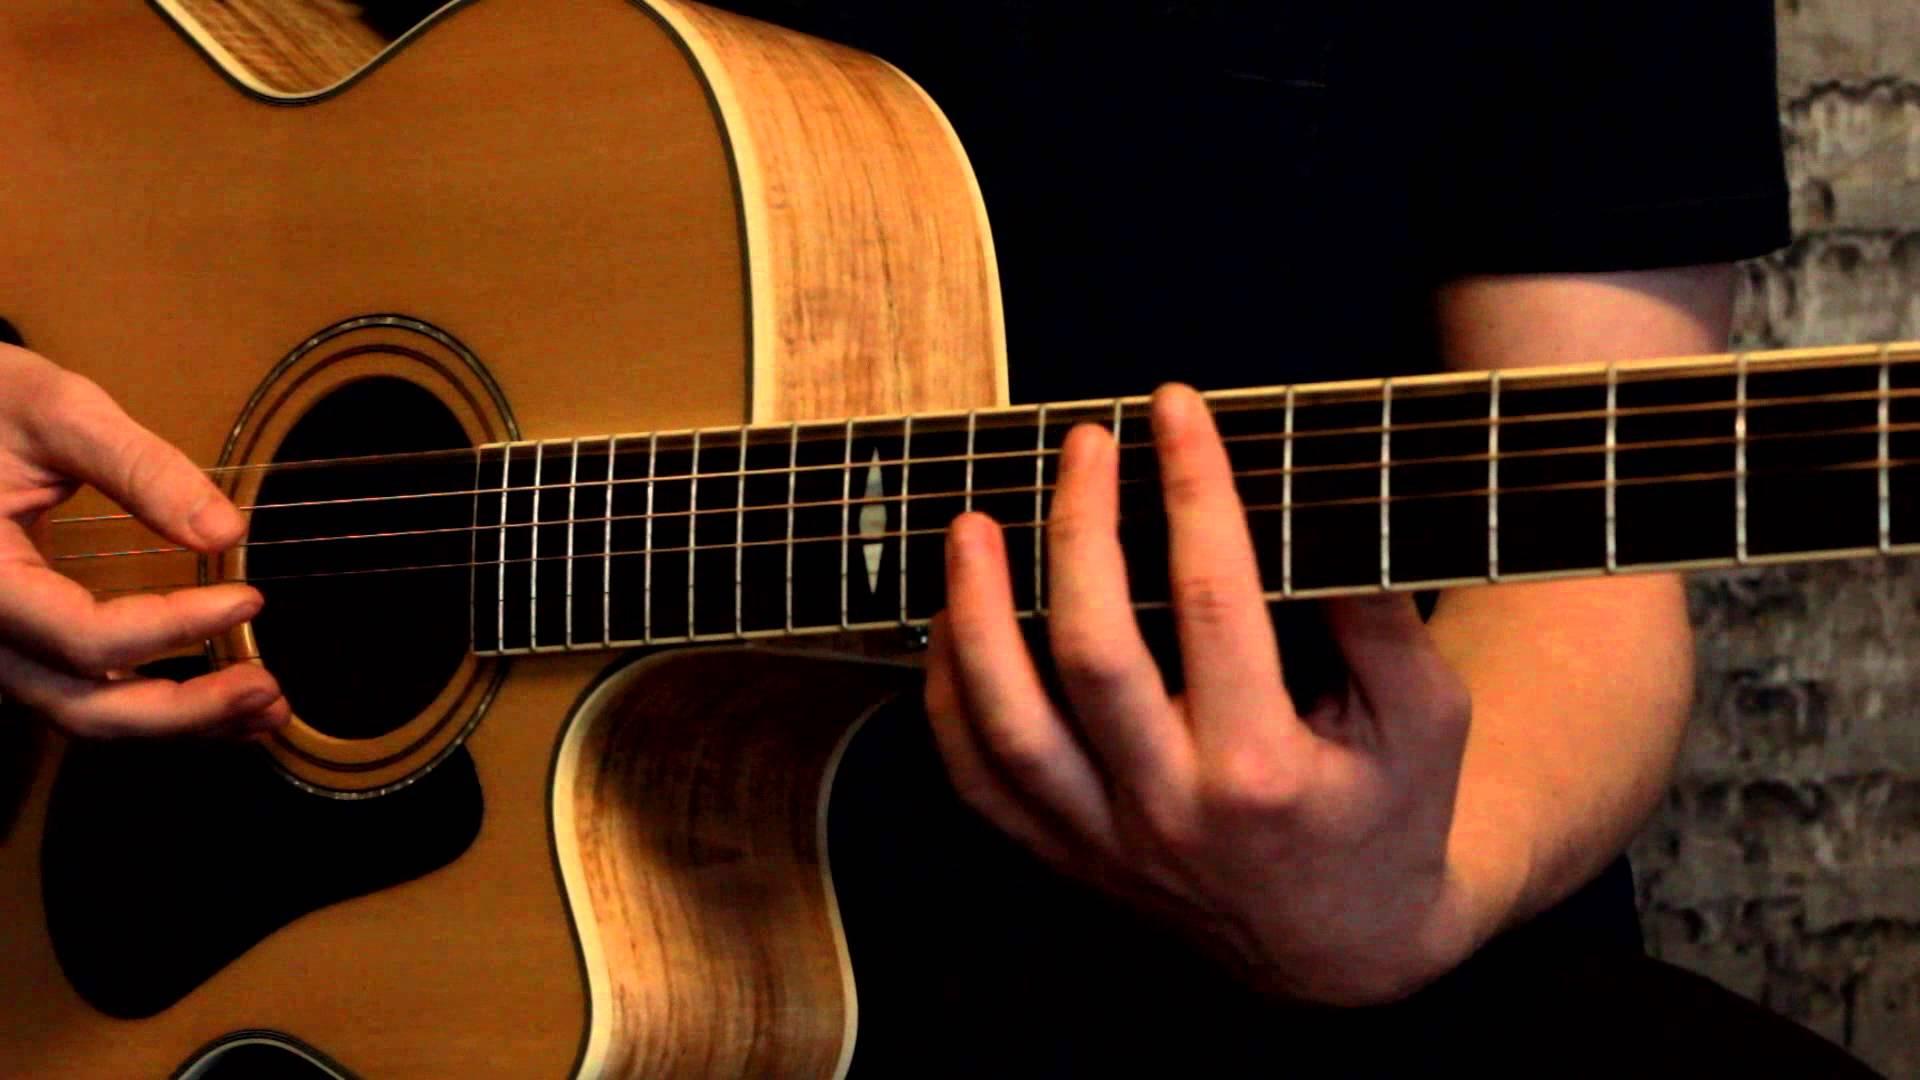 người mới bắt đầu học guitar